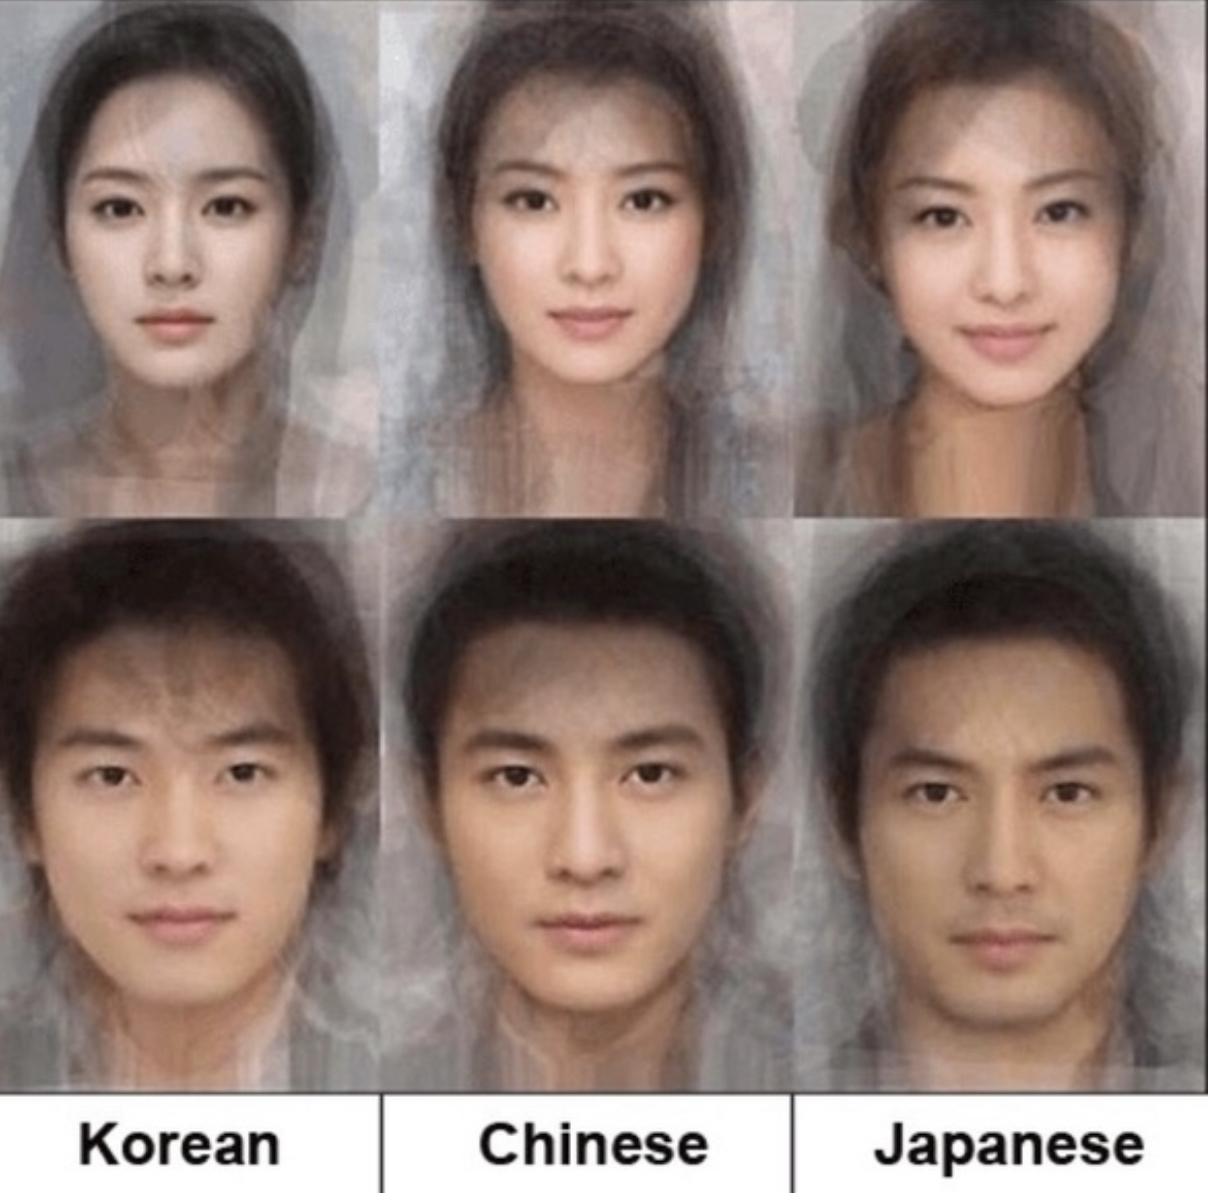 visi giapponesi coreani cinesi fonte quora.com Il mio viaggio in Giappone traveltherapists blog giappone elina e marzia blogger miglior blog di viaggio